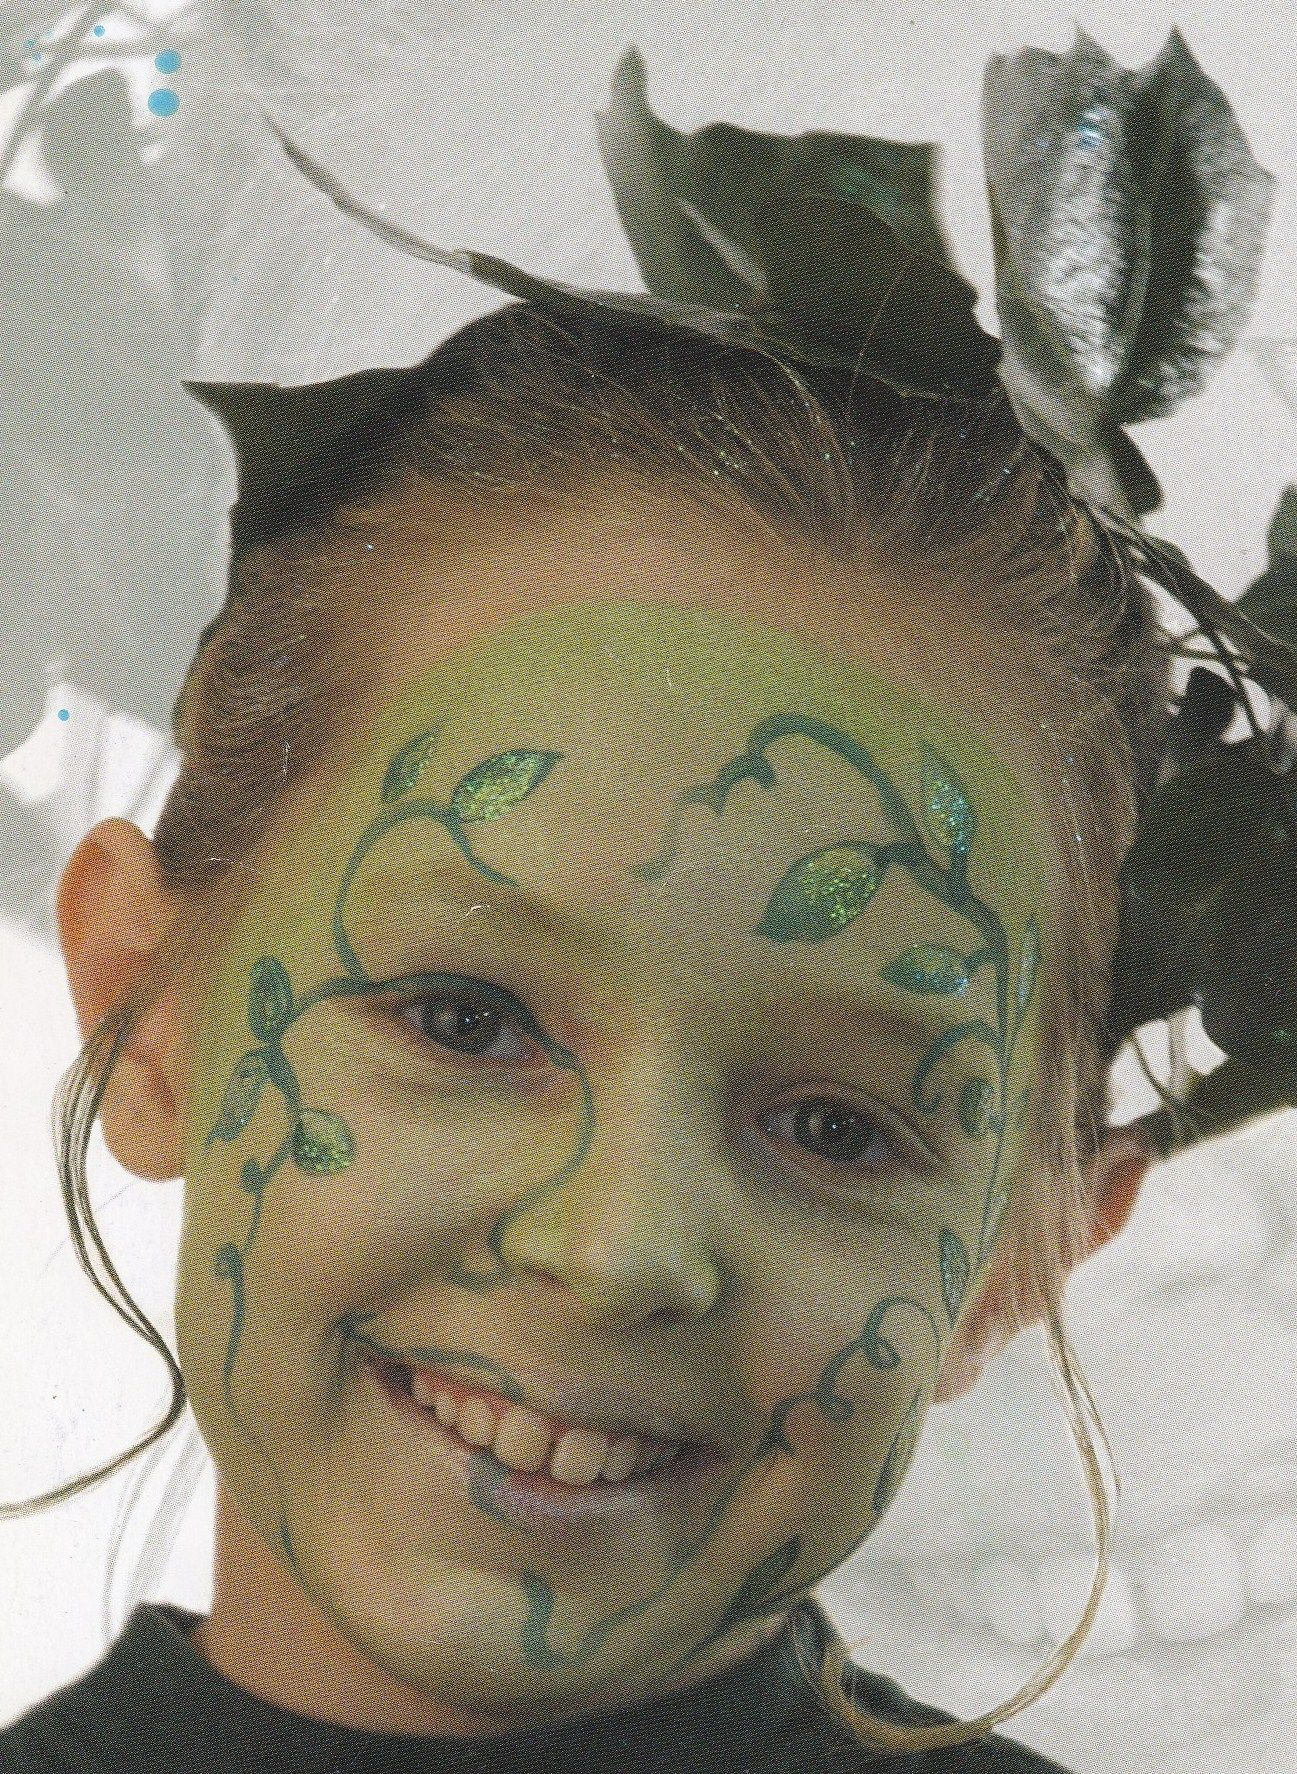 boselfje uit het basisboek schminken van Karin Mollemans